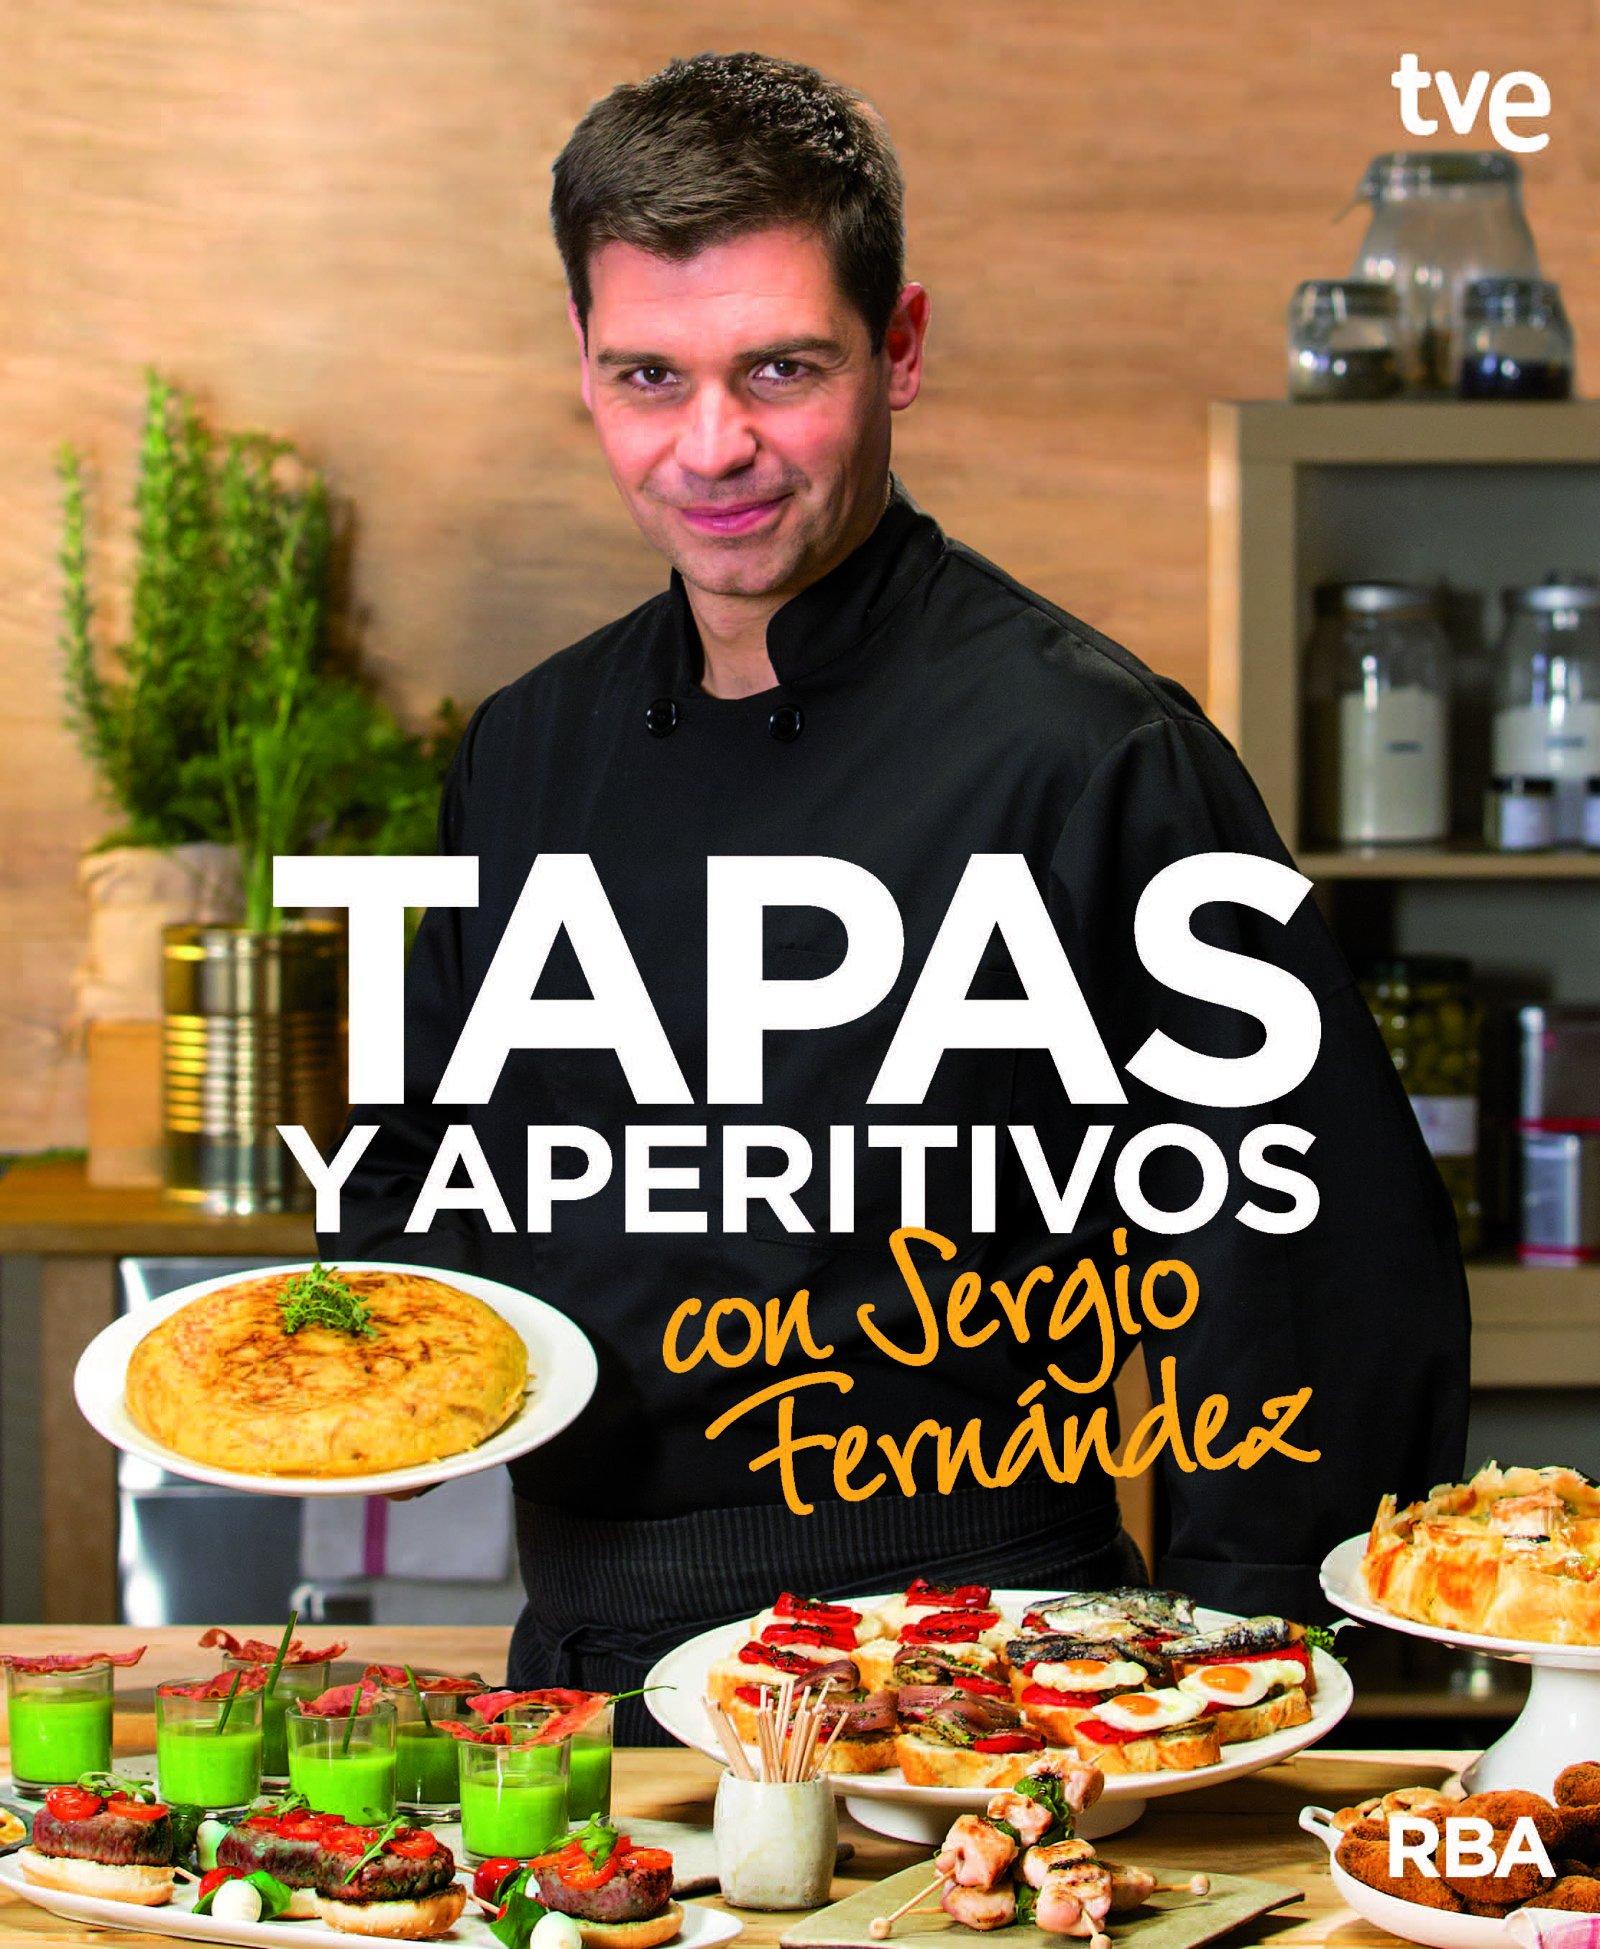 Cocina Sergio Fernandez | Tapas Y Aperitivos Con Sergio Fernandez Gastronomia Y Cocina